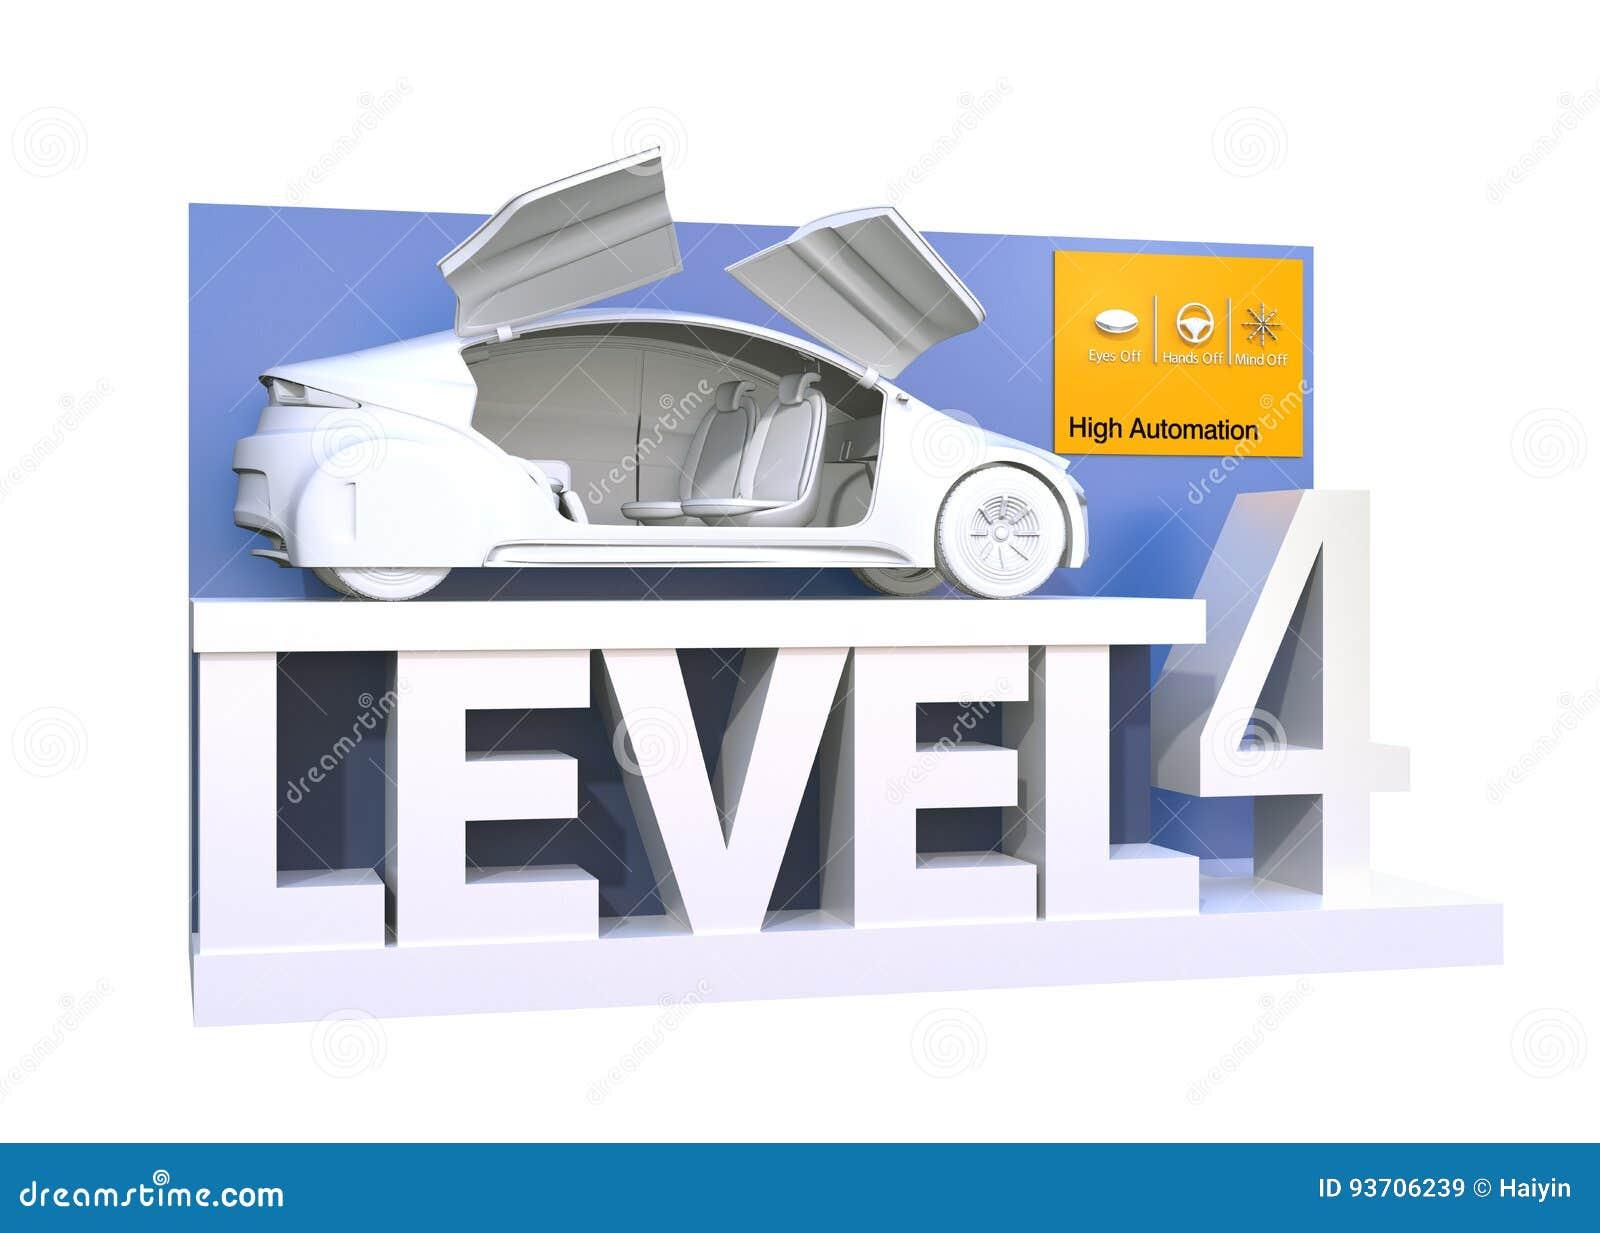 Αυτόνομη ταξινόμηση αυτοκινήτων του επιπέδου 4